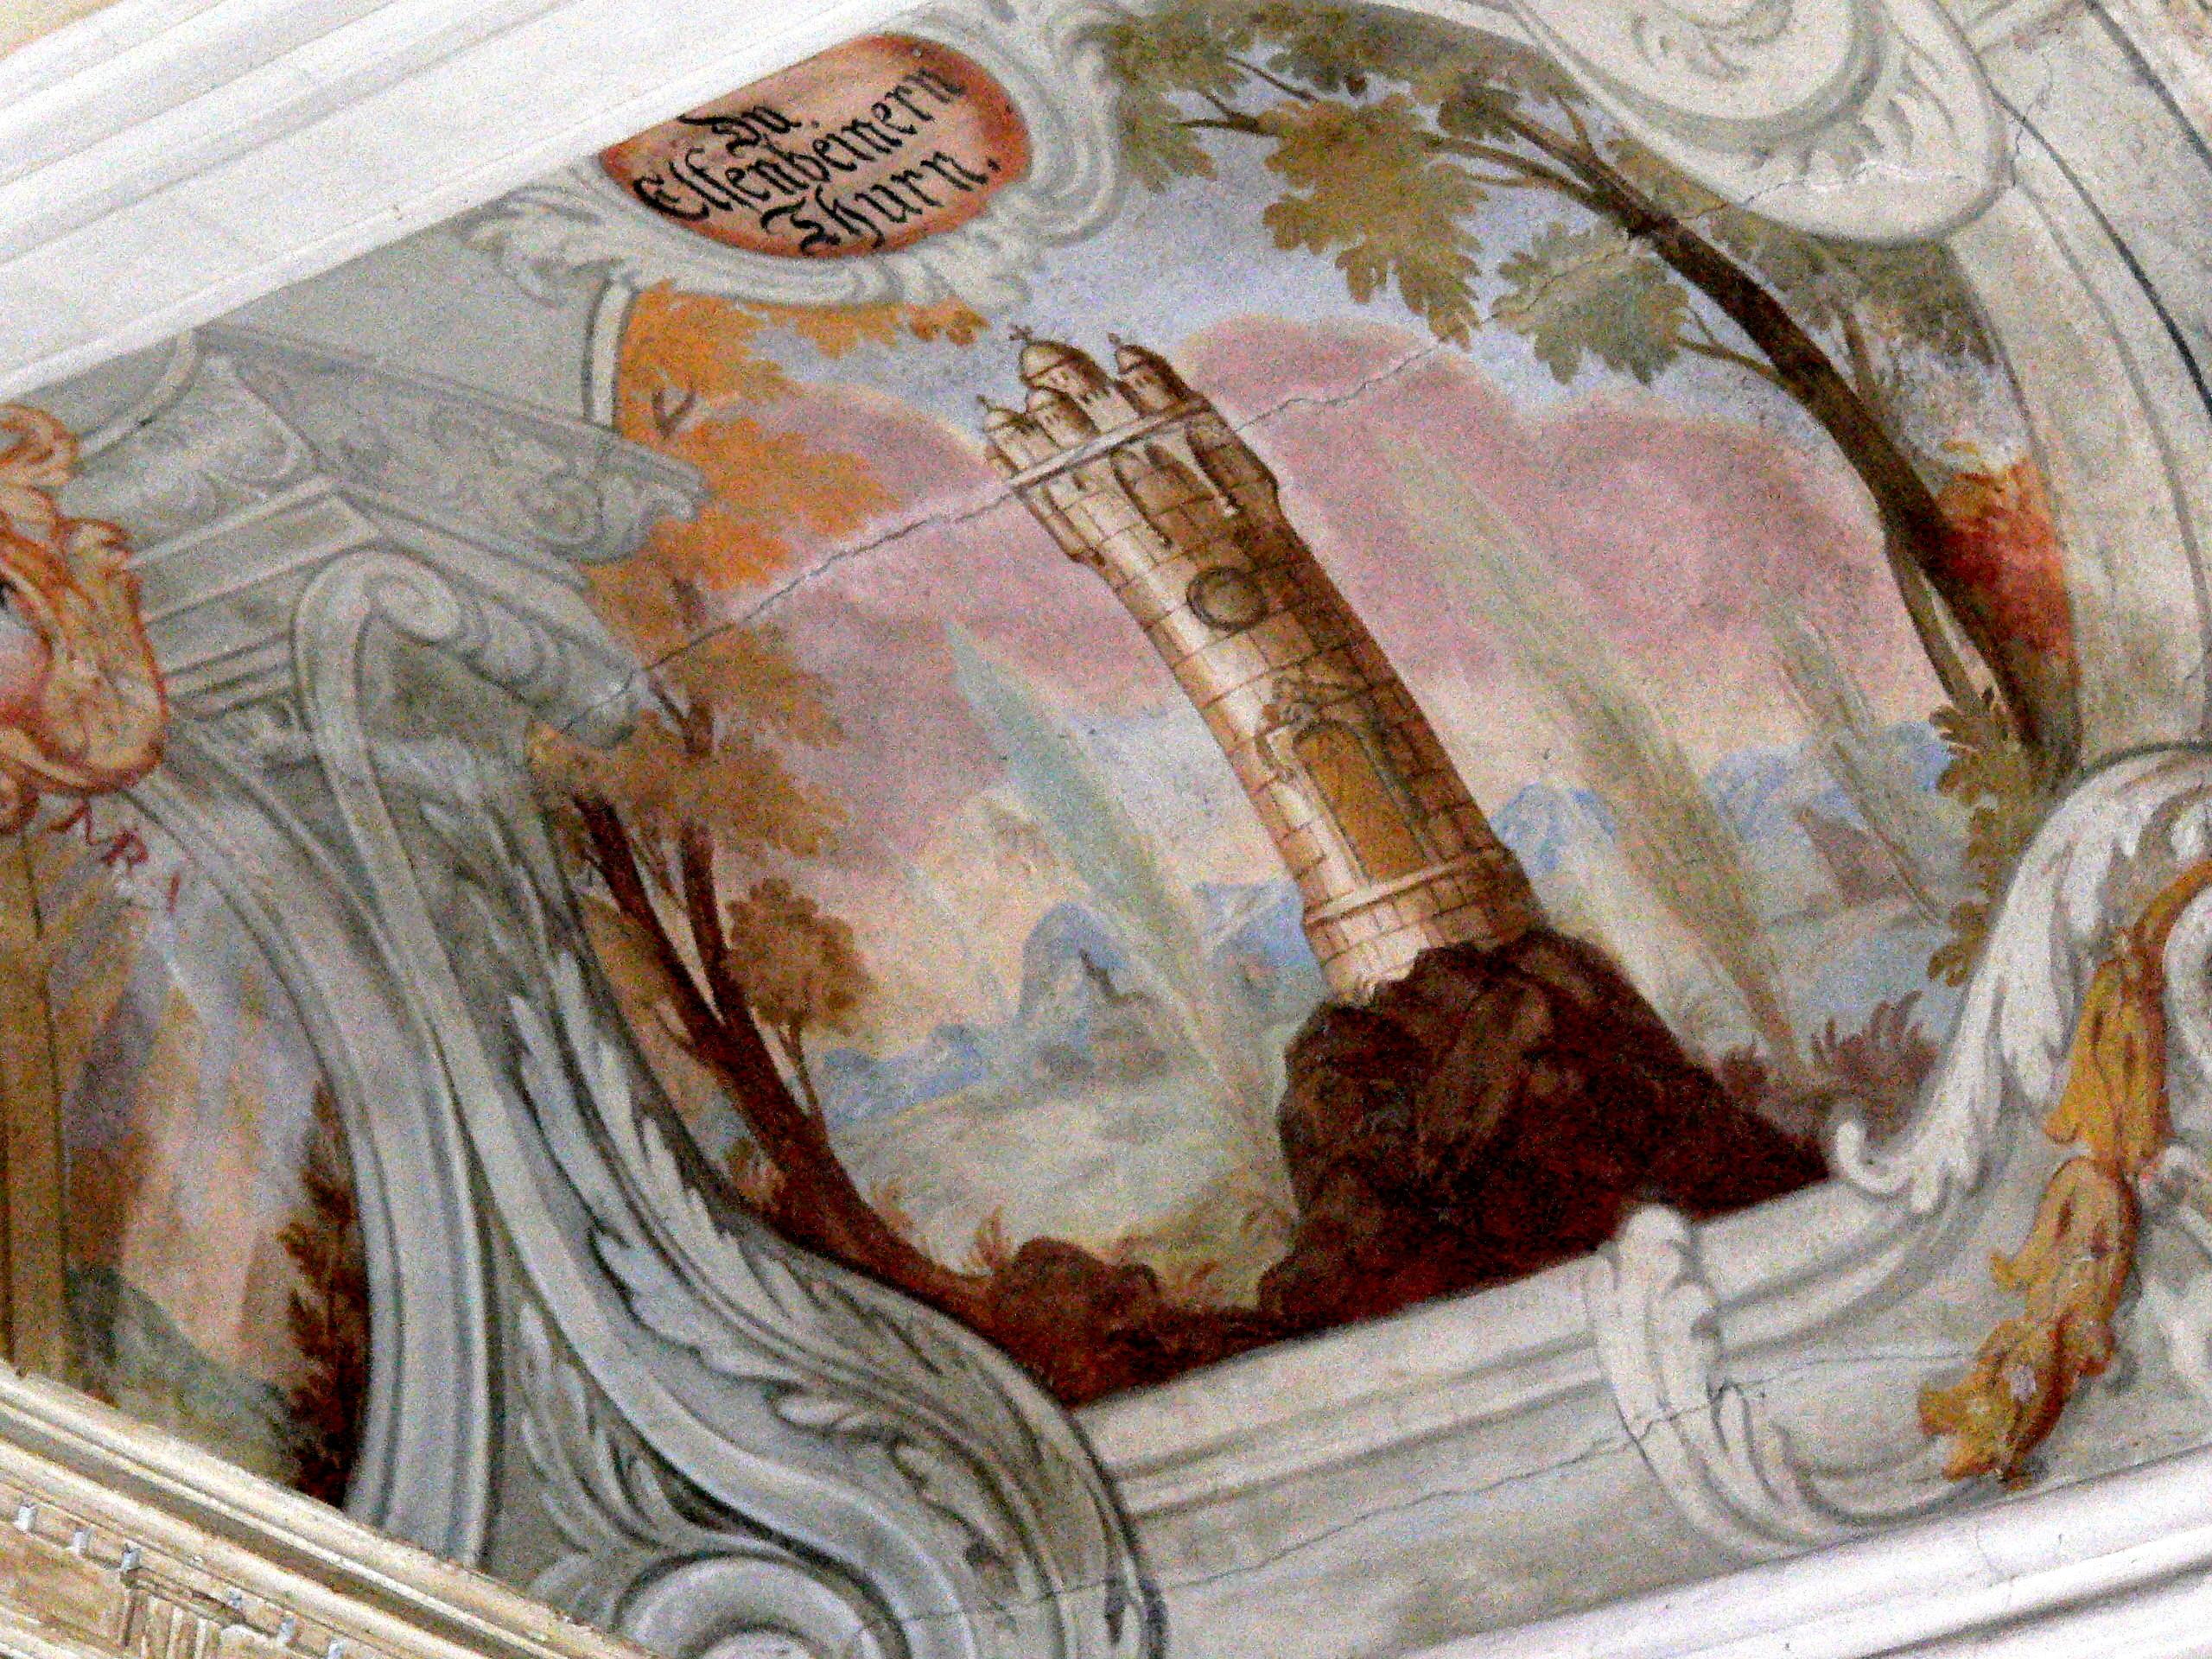 Anrufung Marias als elfenbeinerner Turm auf einem Fresko in der Frauenkapelle in Altenmark (Osterhofen)